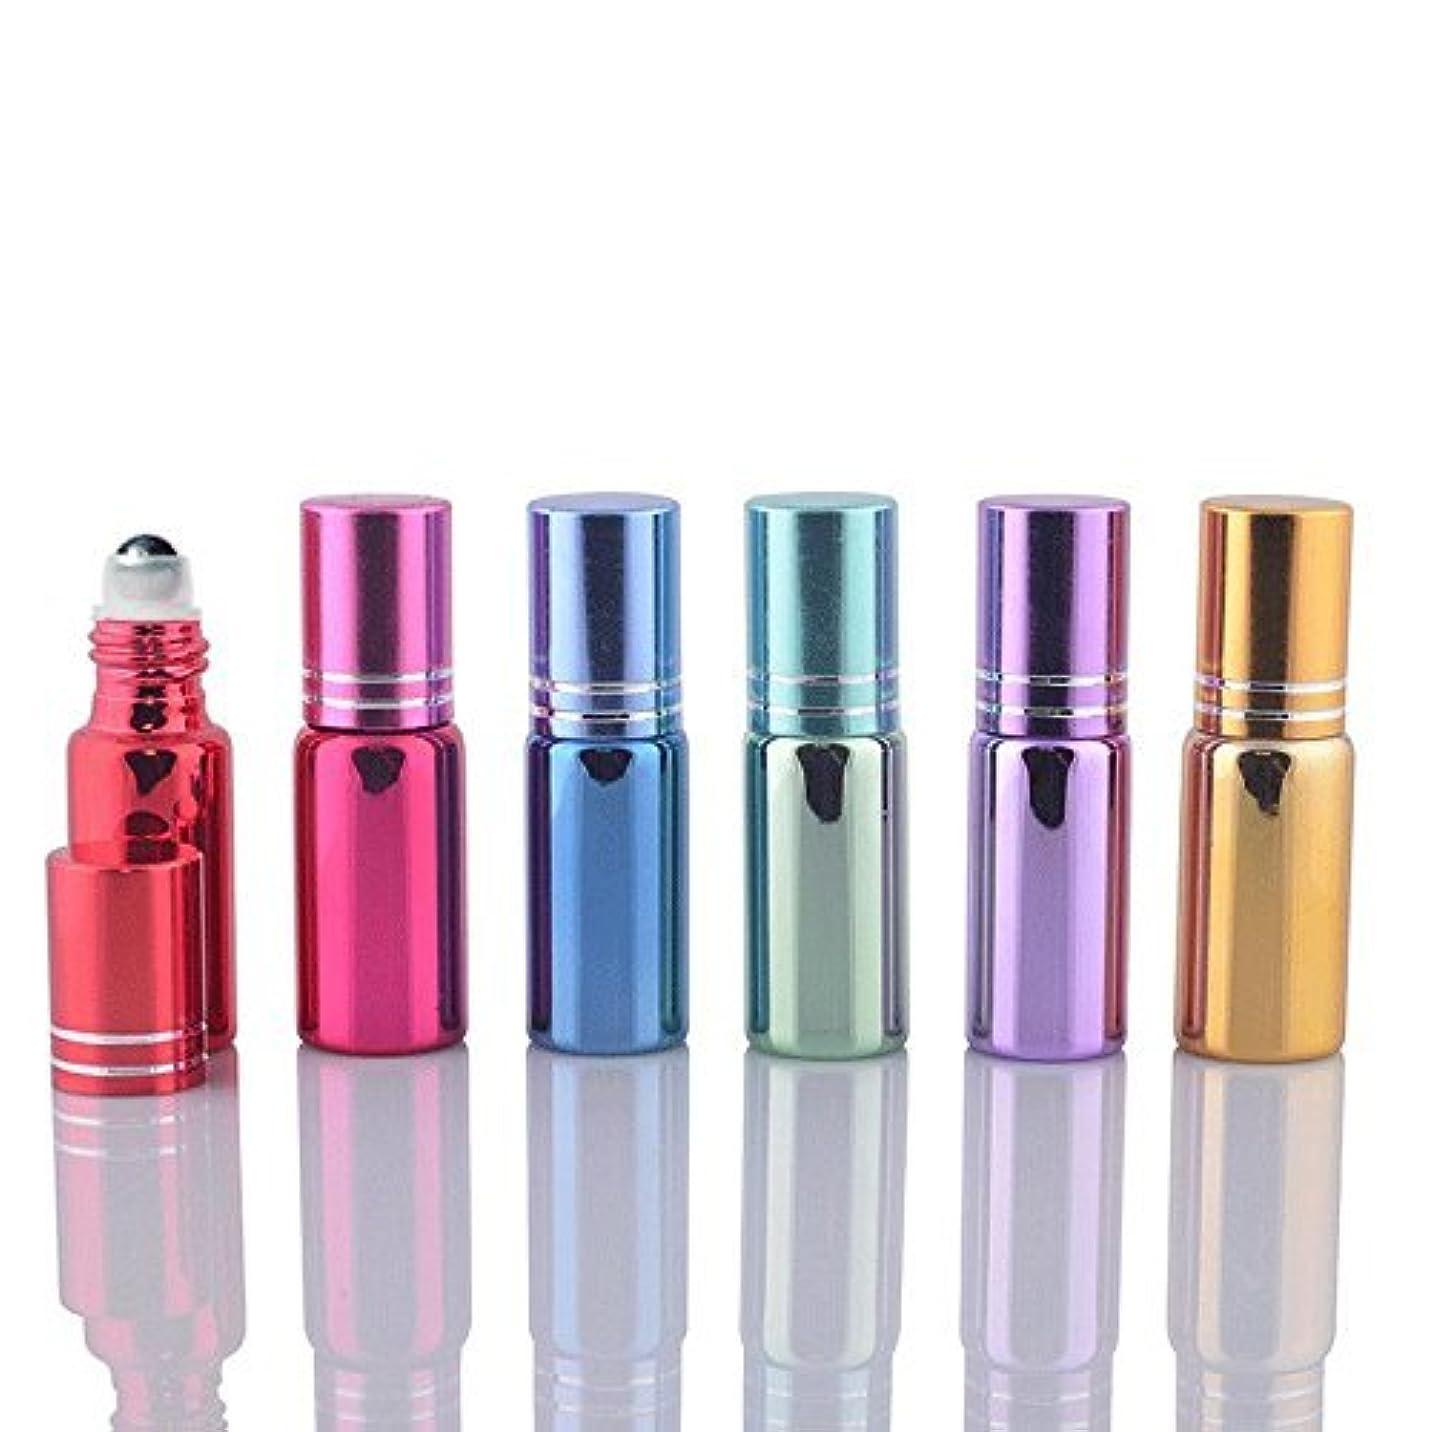 ゴミ箱を空にする恐竜カセット6 Sets Assorted 5ml UV Coated Glass Roller Ball Rollon Bottles Grand Parfums Refillable Glass Bottles with Stainless...